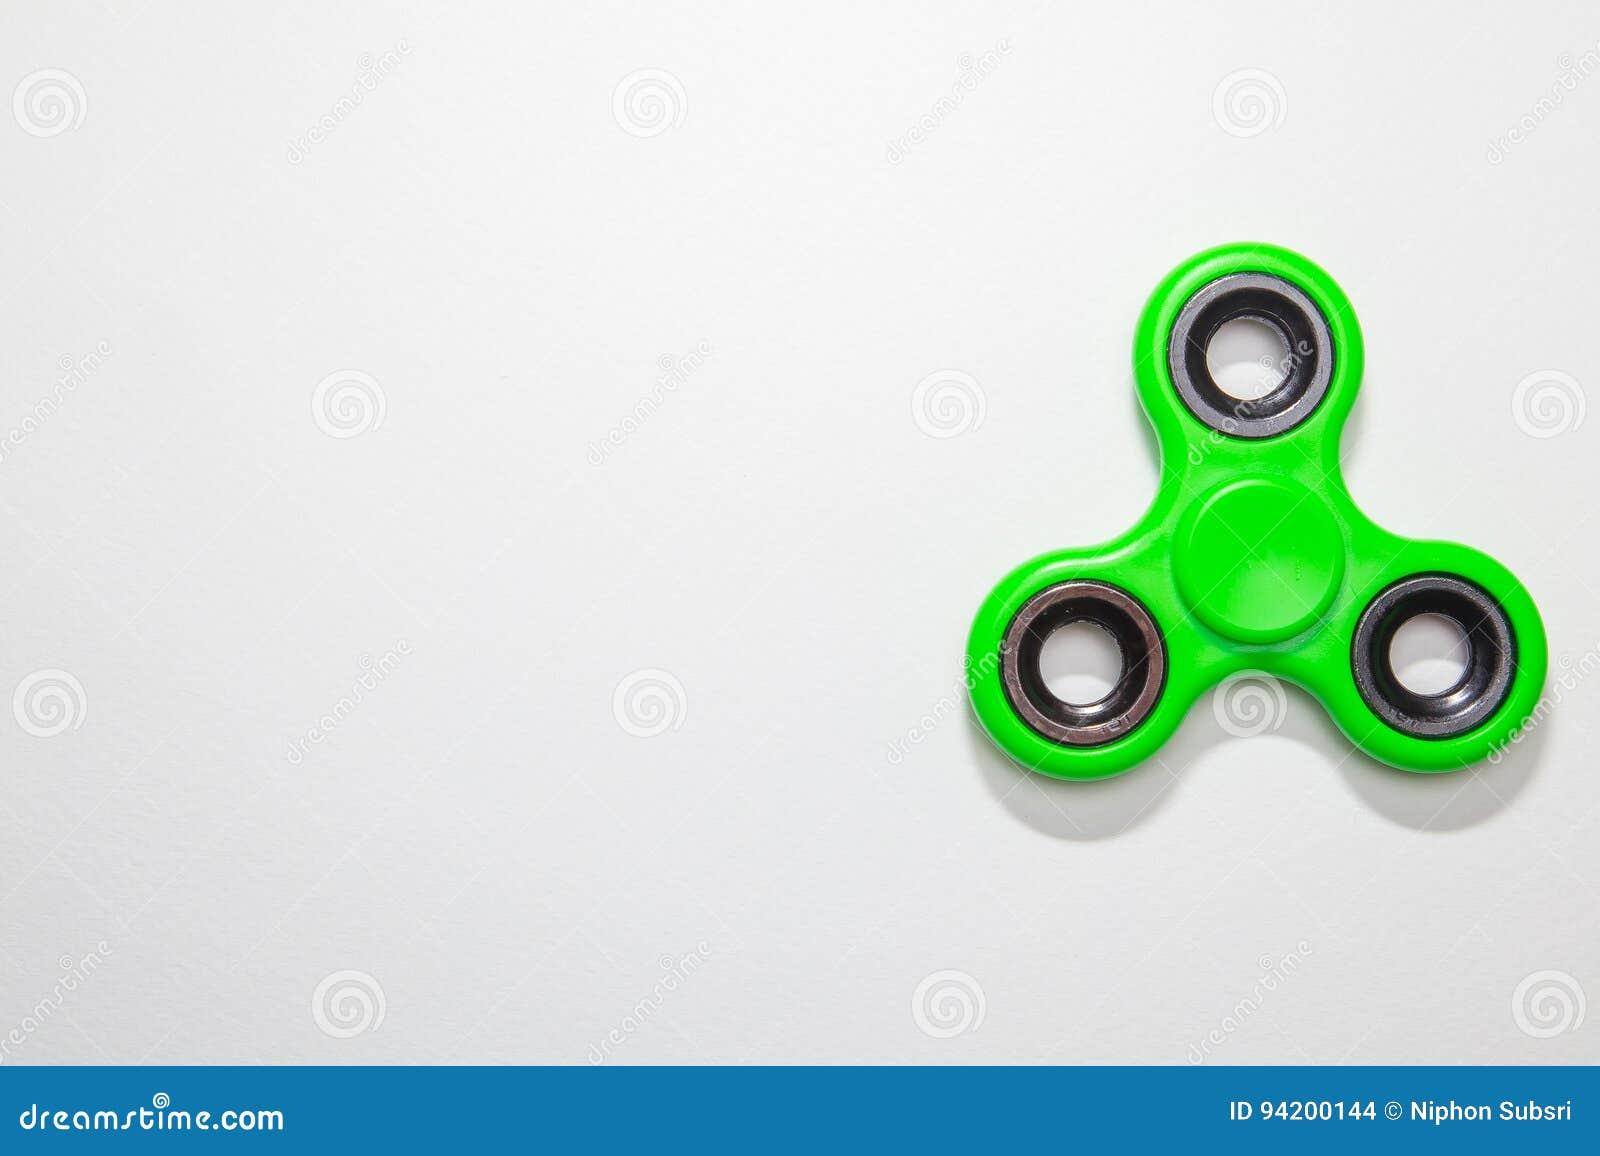 Zielony wiercipięta palca kądziołka zabawki wizerunek